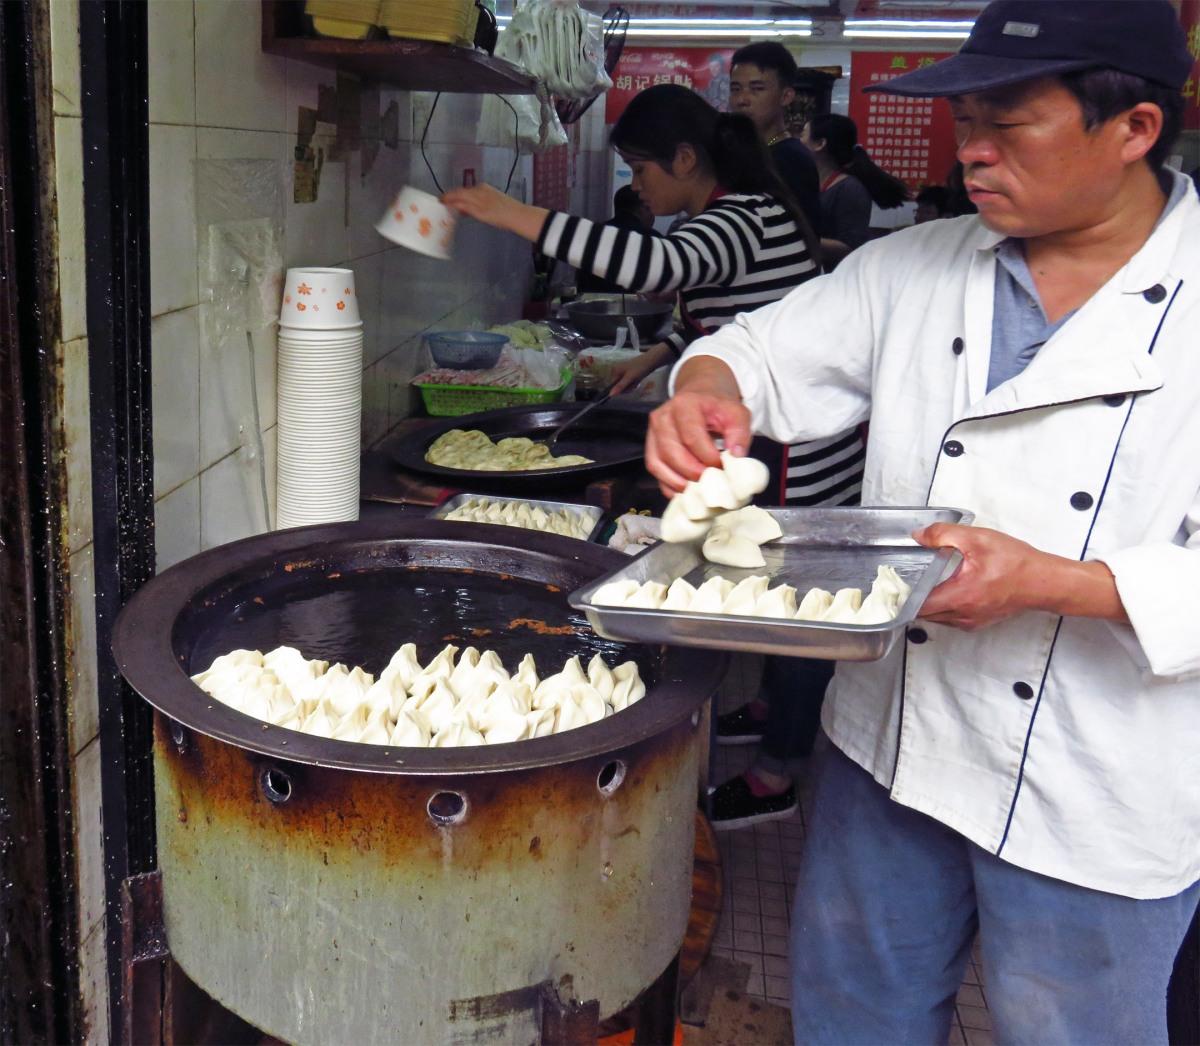 8. Street food